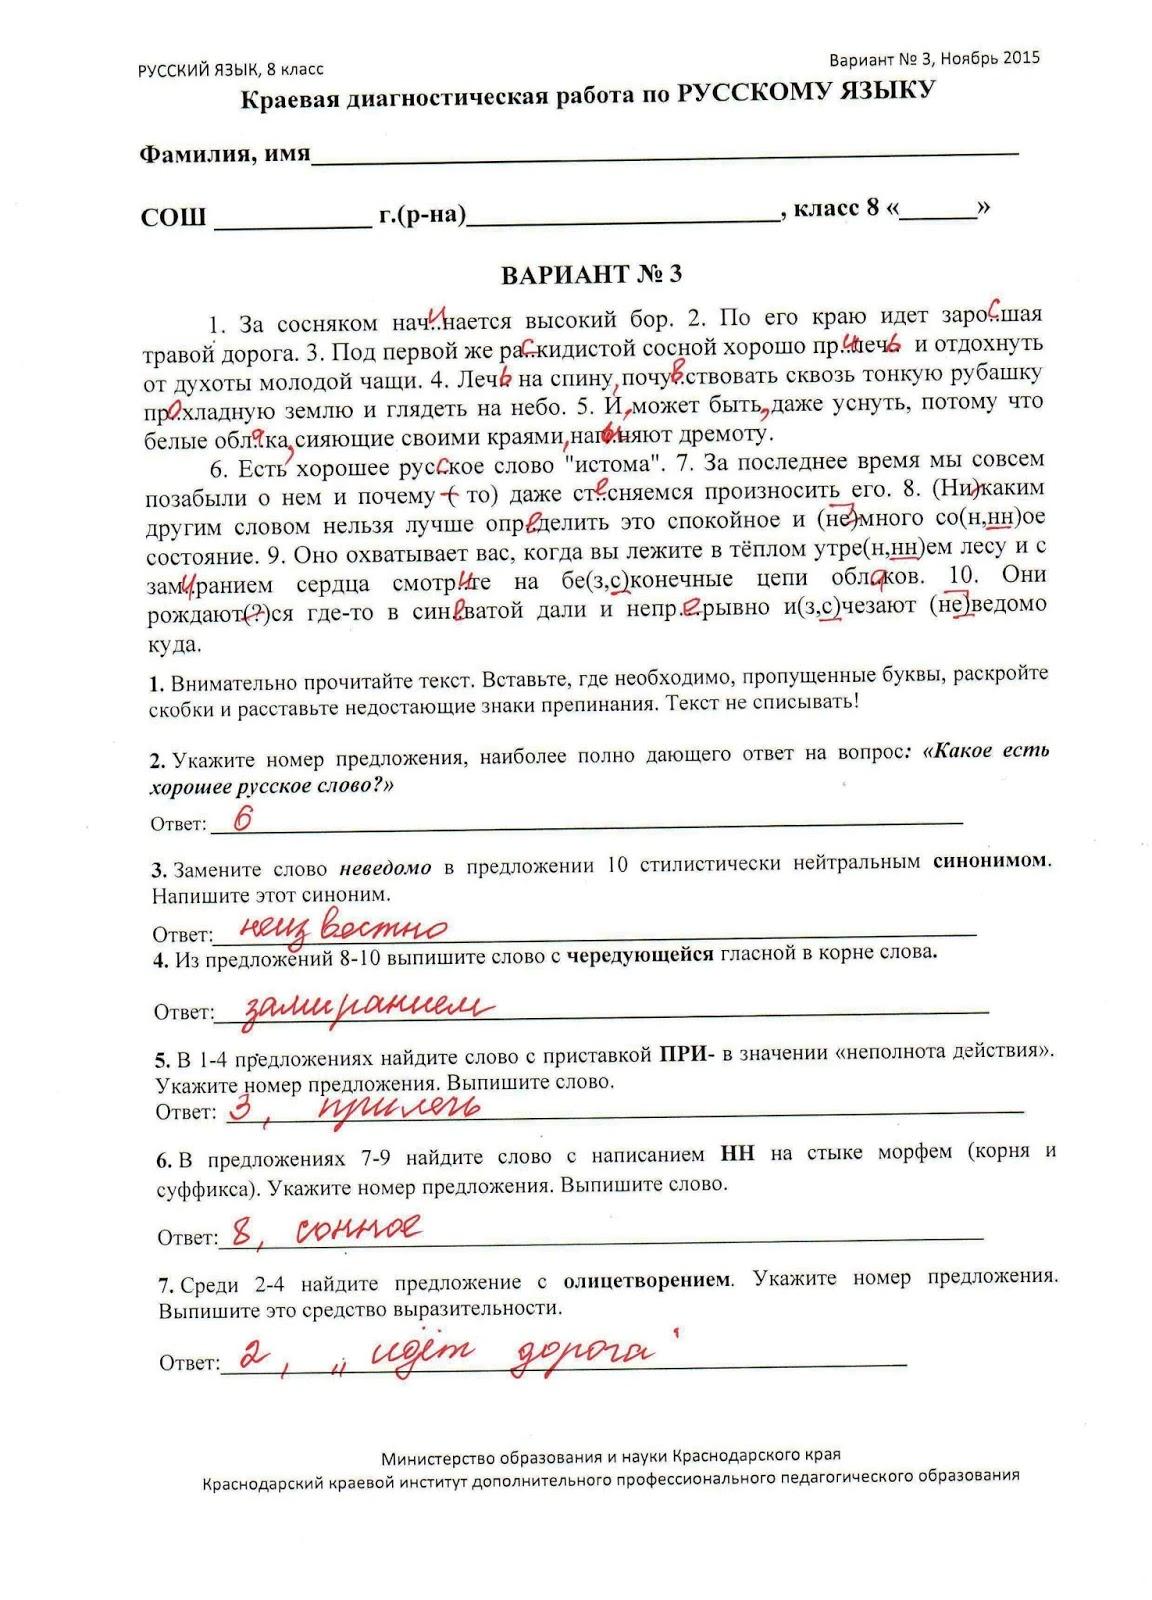 Скачать гдз по русскому за класс 2018 года